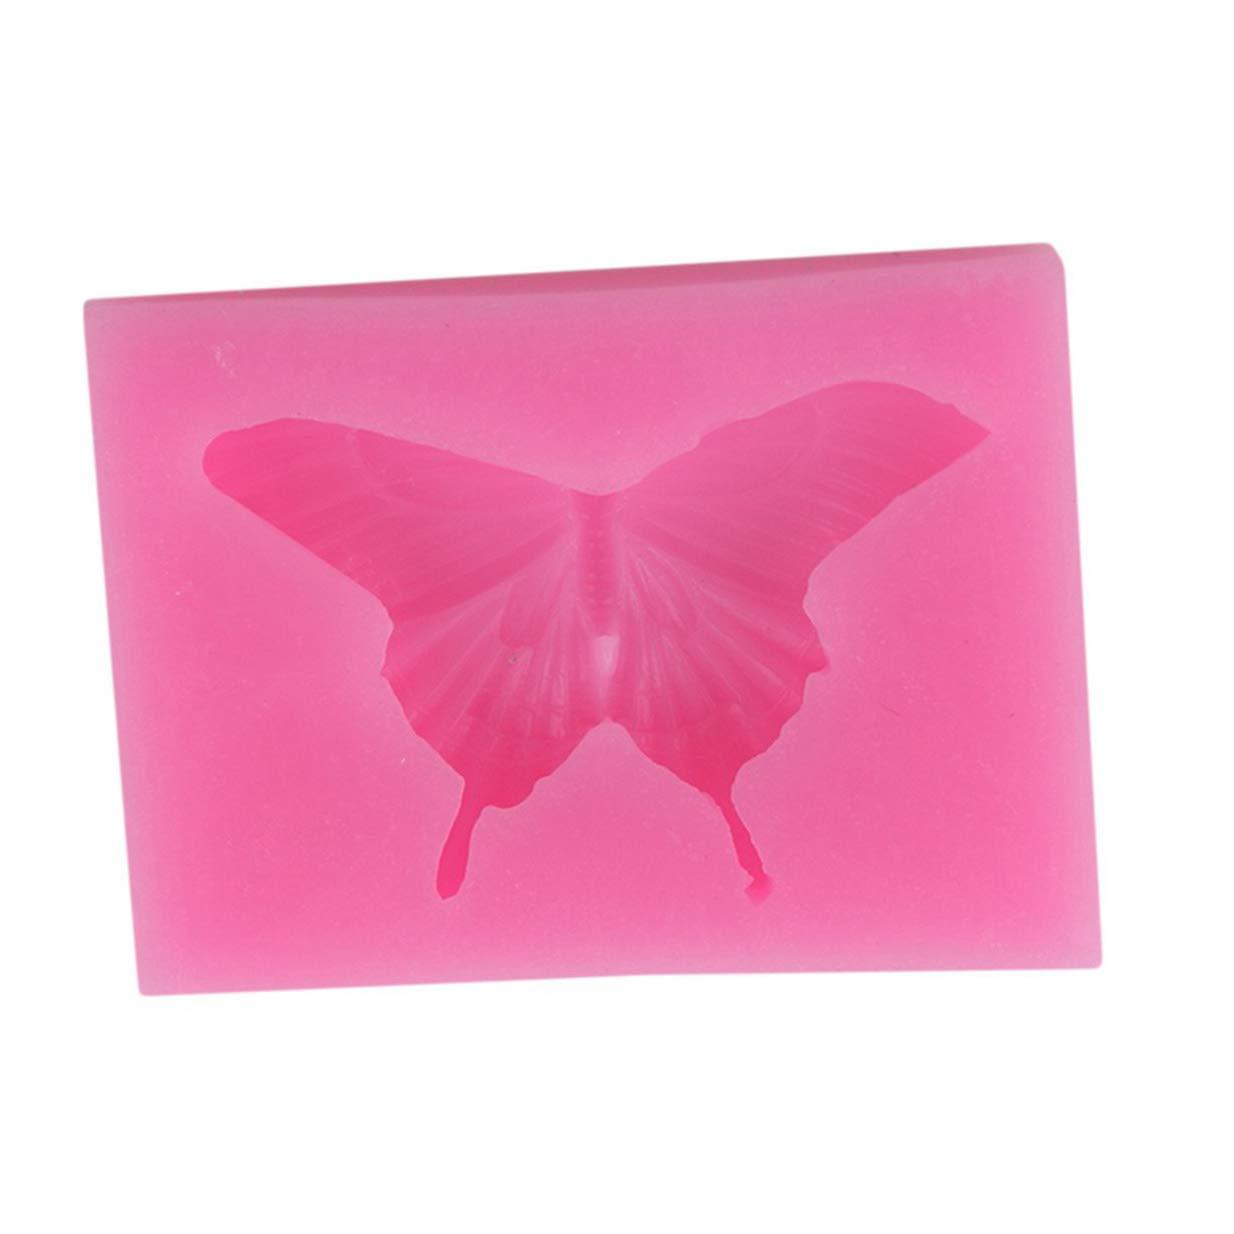 Ogquaton Papillon Premium Silicone Moule 3D Artisanat De Mariage Moules À La Main Chocolat Fondant De Décoration De Gâteau Outils